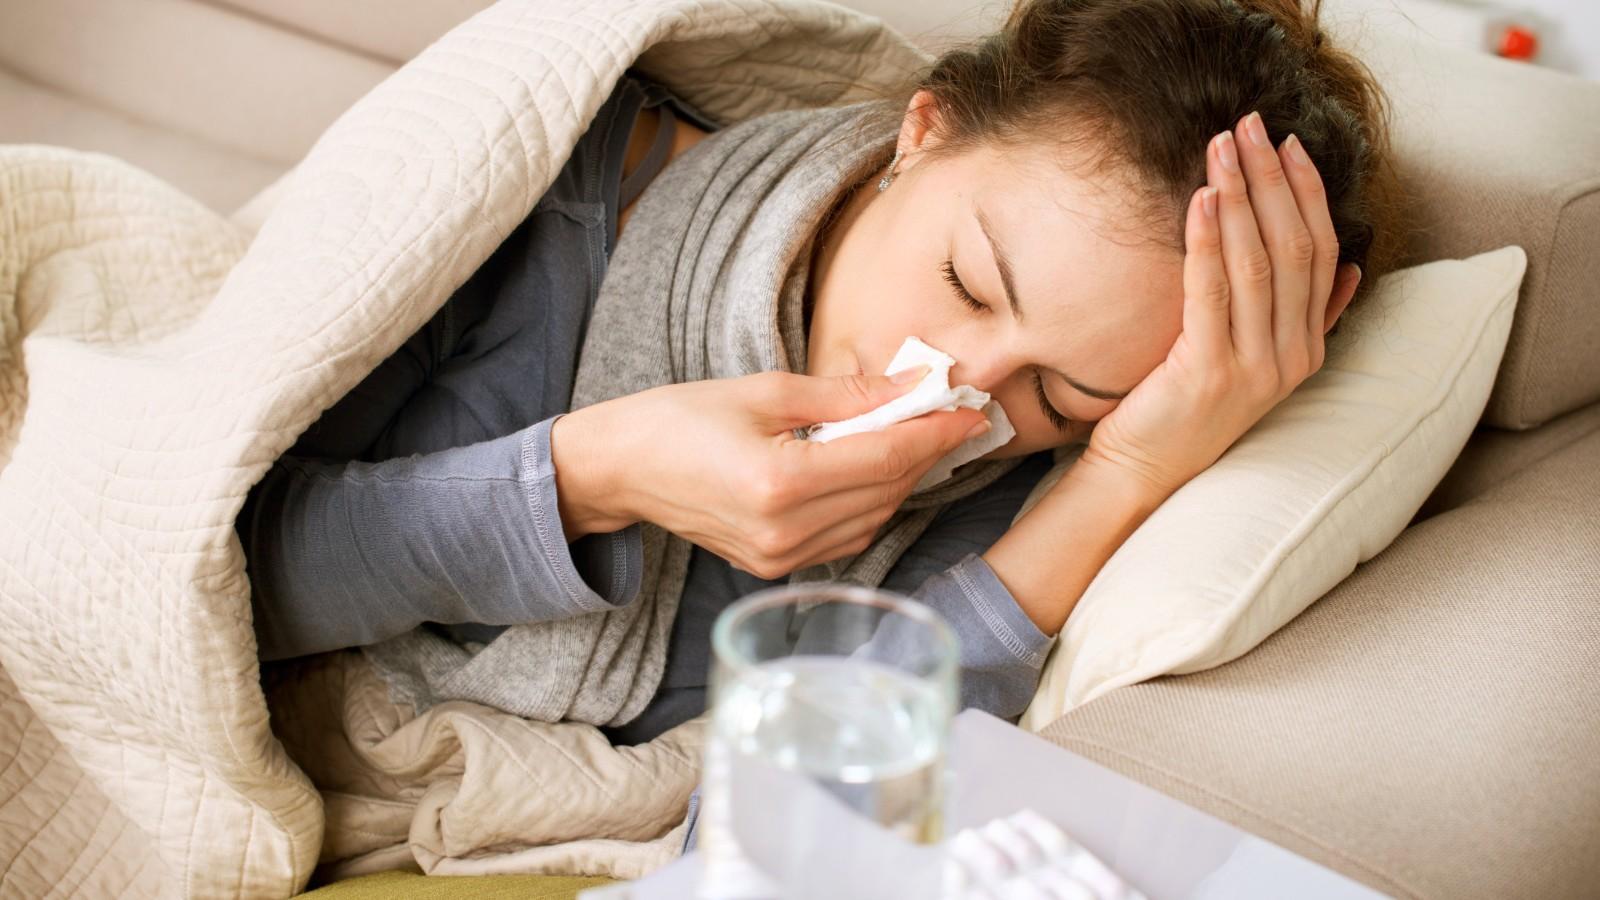 Năm 2018, nghỉ ốm đau có được hưởng lương không?